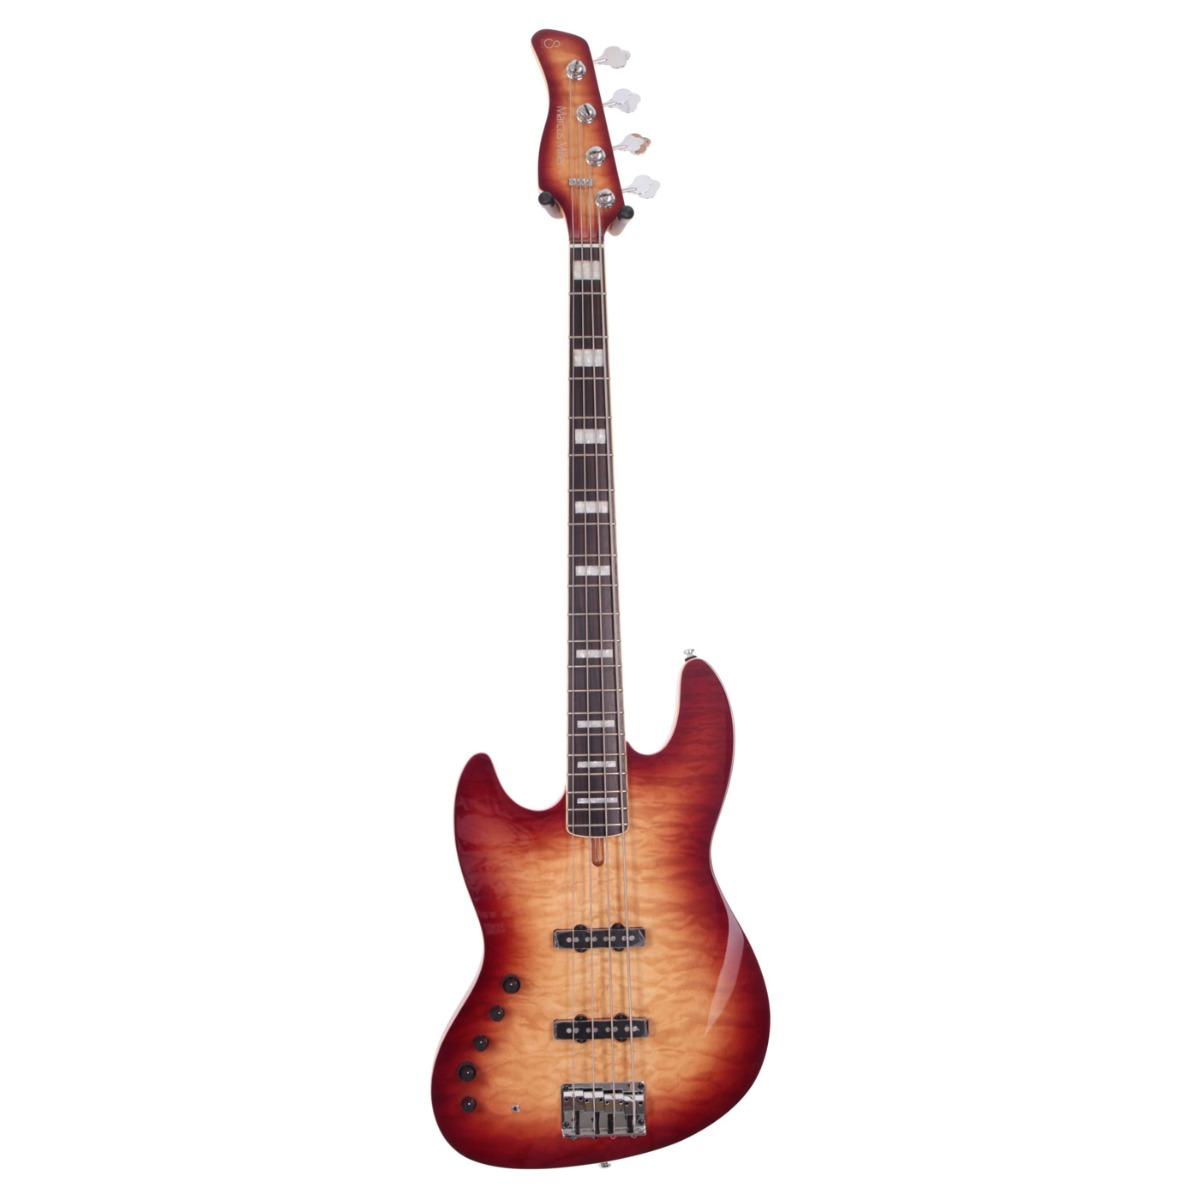 Sire Marcus Miller V9 ALDER-4 LH BRS el-bas, venstrehåndet Satin Brown Sunburst